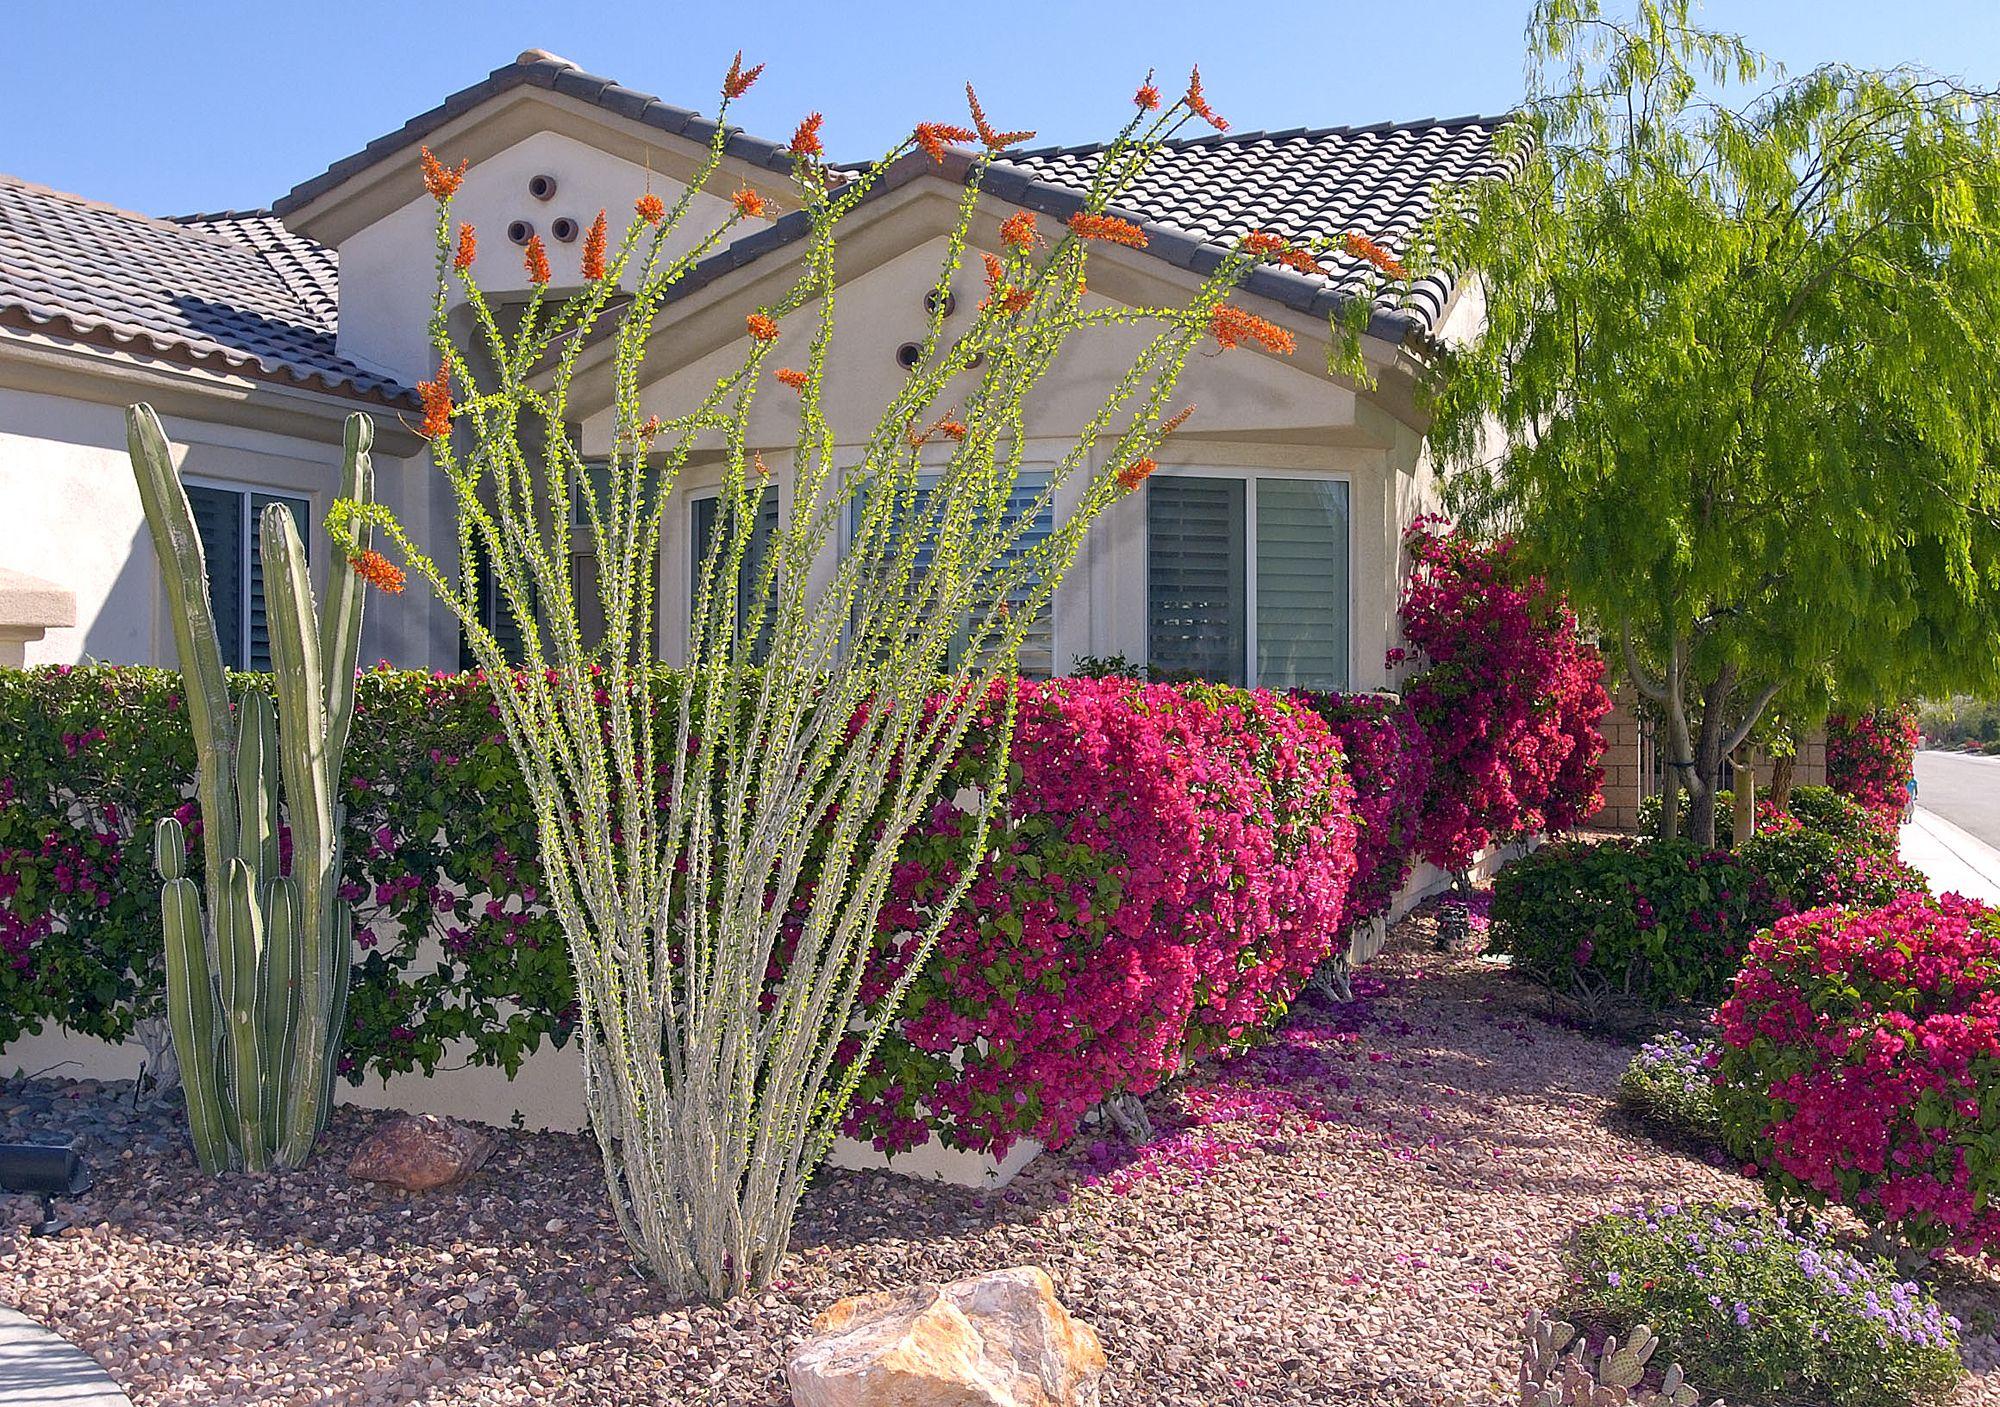 southwest desert landscaping ideas